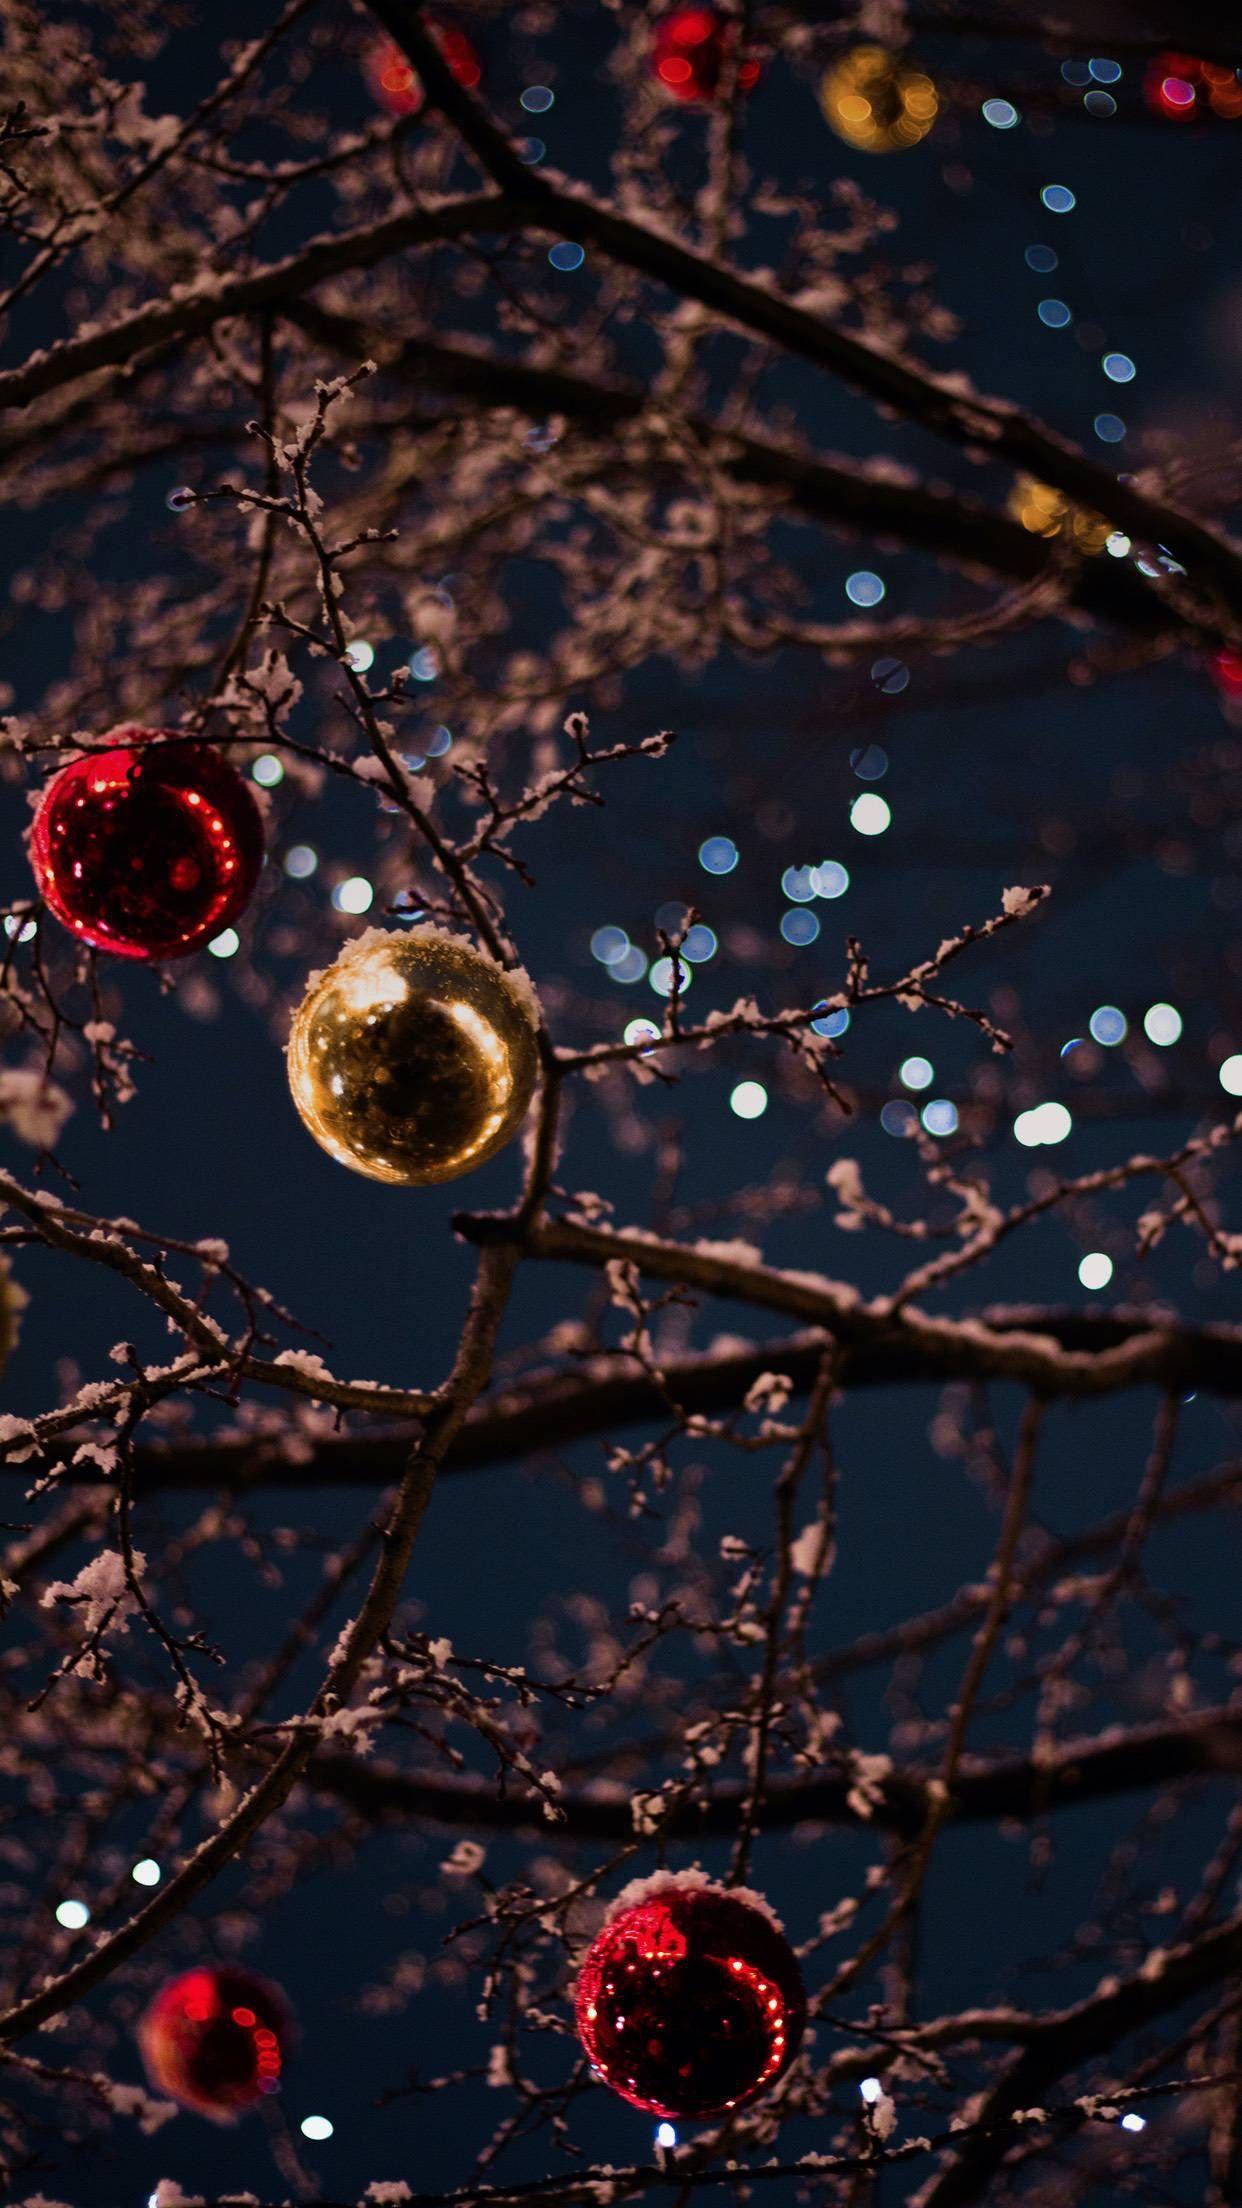 Vellum wallpaper app Świąteczne tła, Bożonarodzeniowa